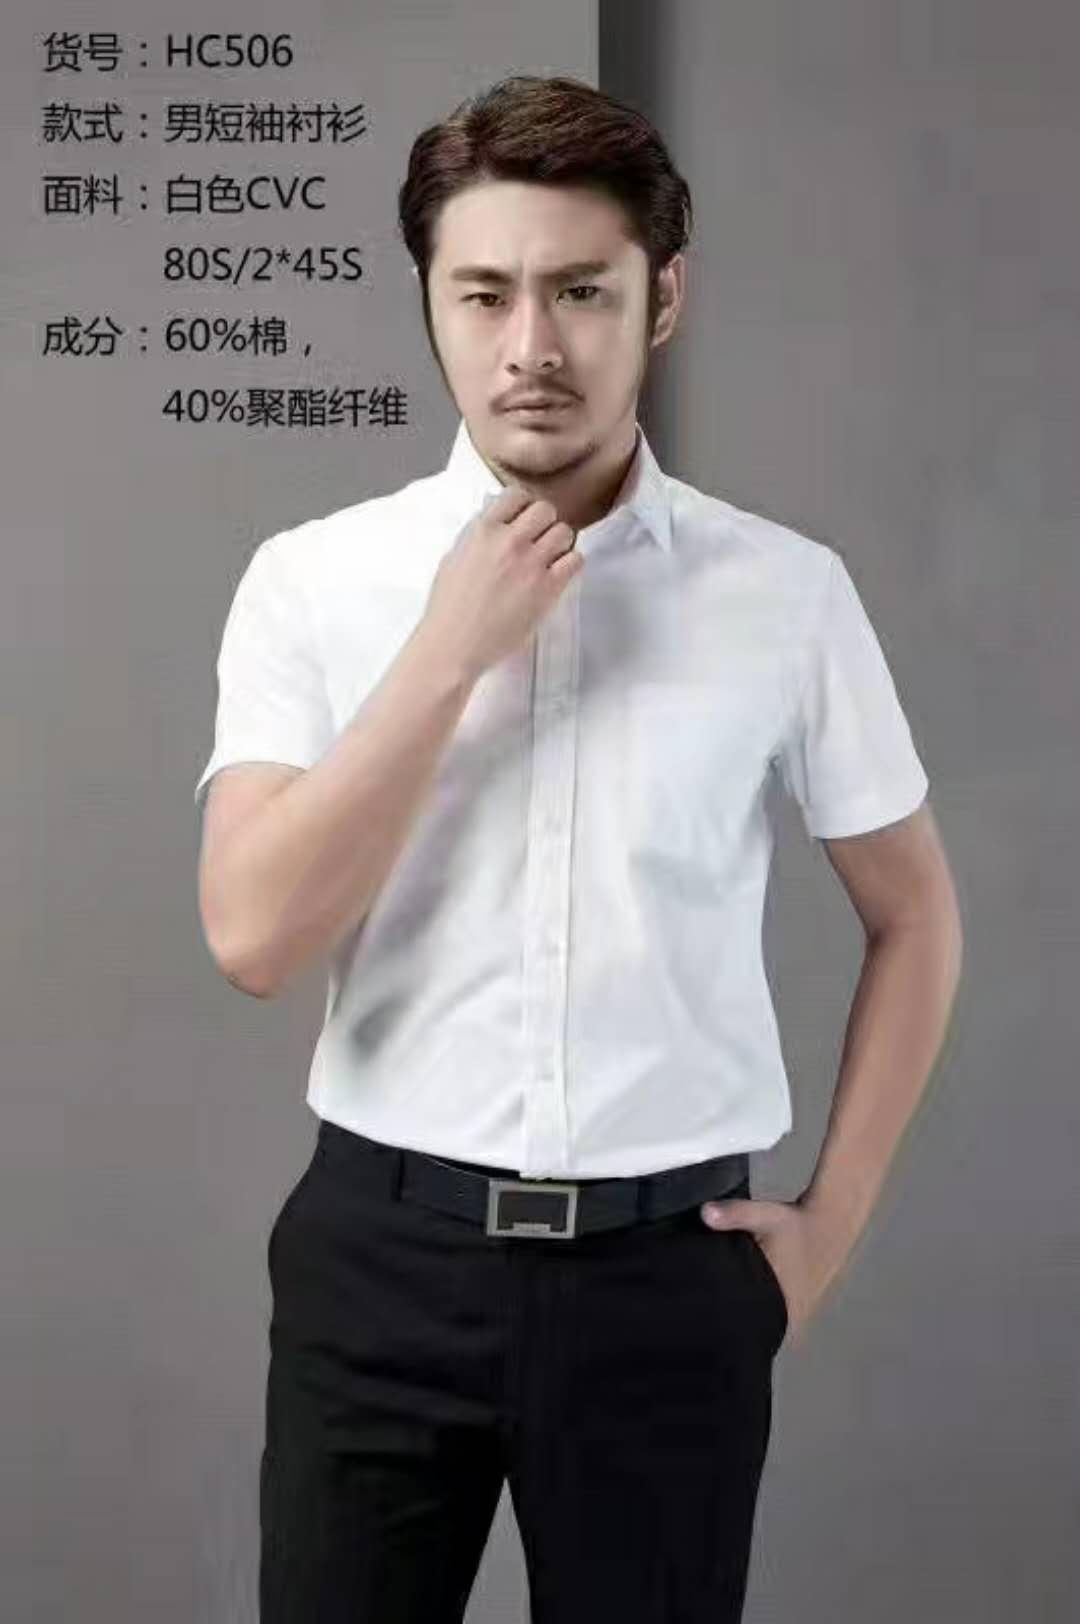 杭州衬衫价格杭州衬衫厂家杭州衬衫批发